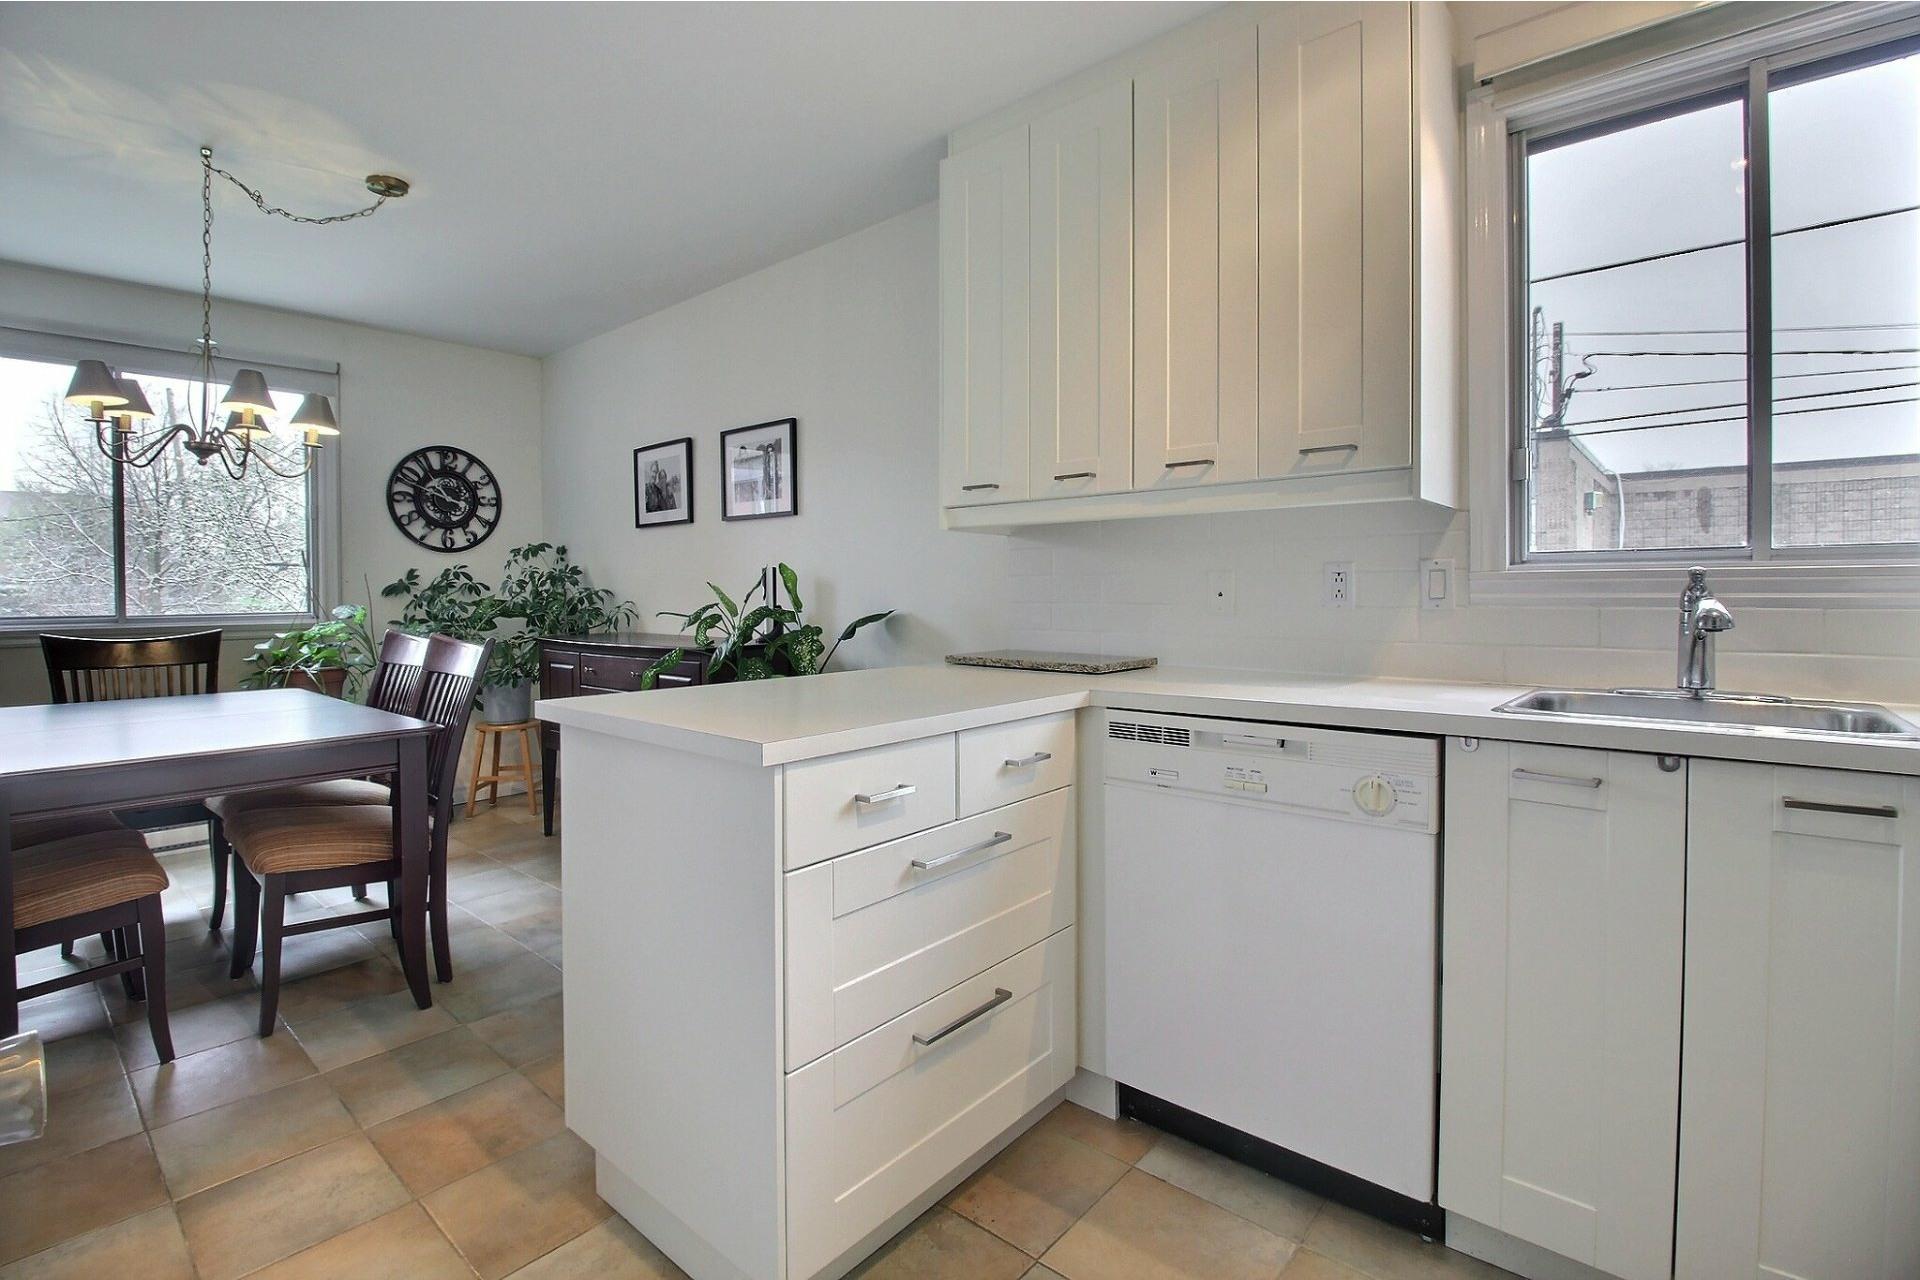 image 8 - Appartement À vendre Rivière-des-Prairies/Pointe-aux-Trembles Montréal  - 5 pièces